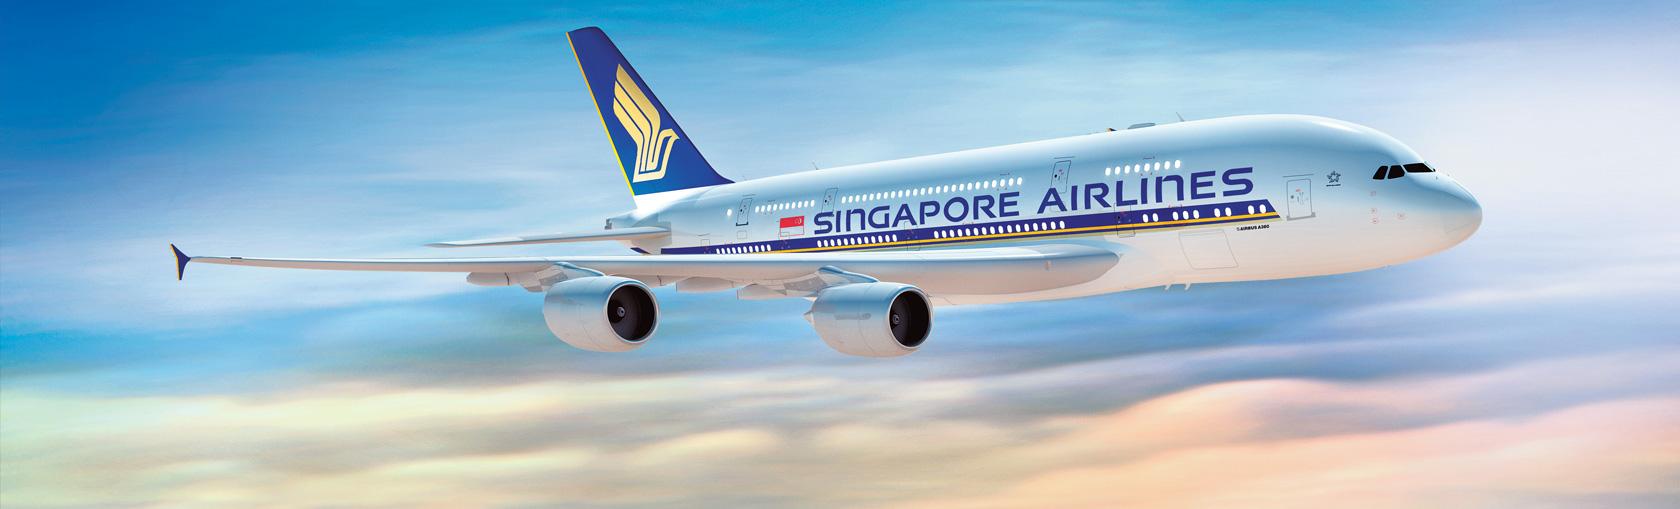 ผลการค้นหารูปภาพสำหรับ Singapore airline